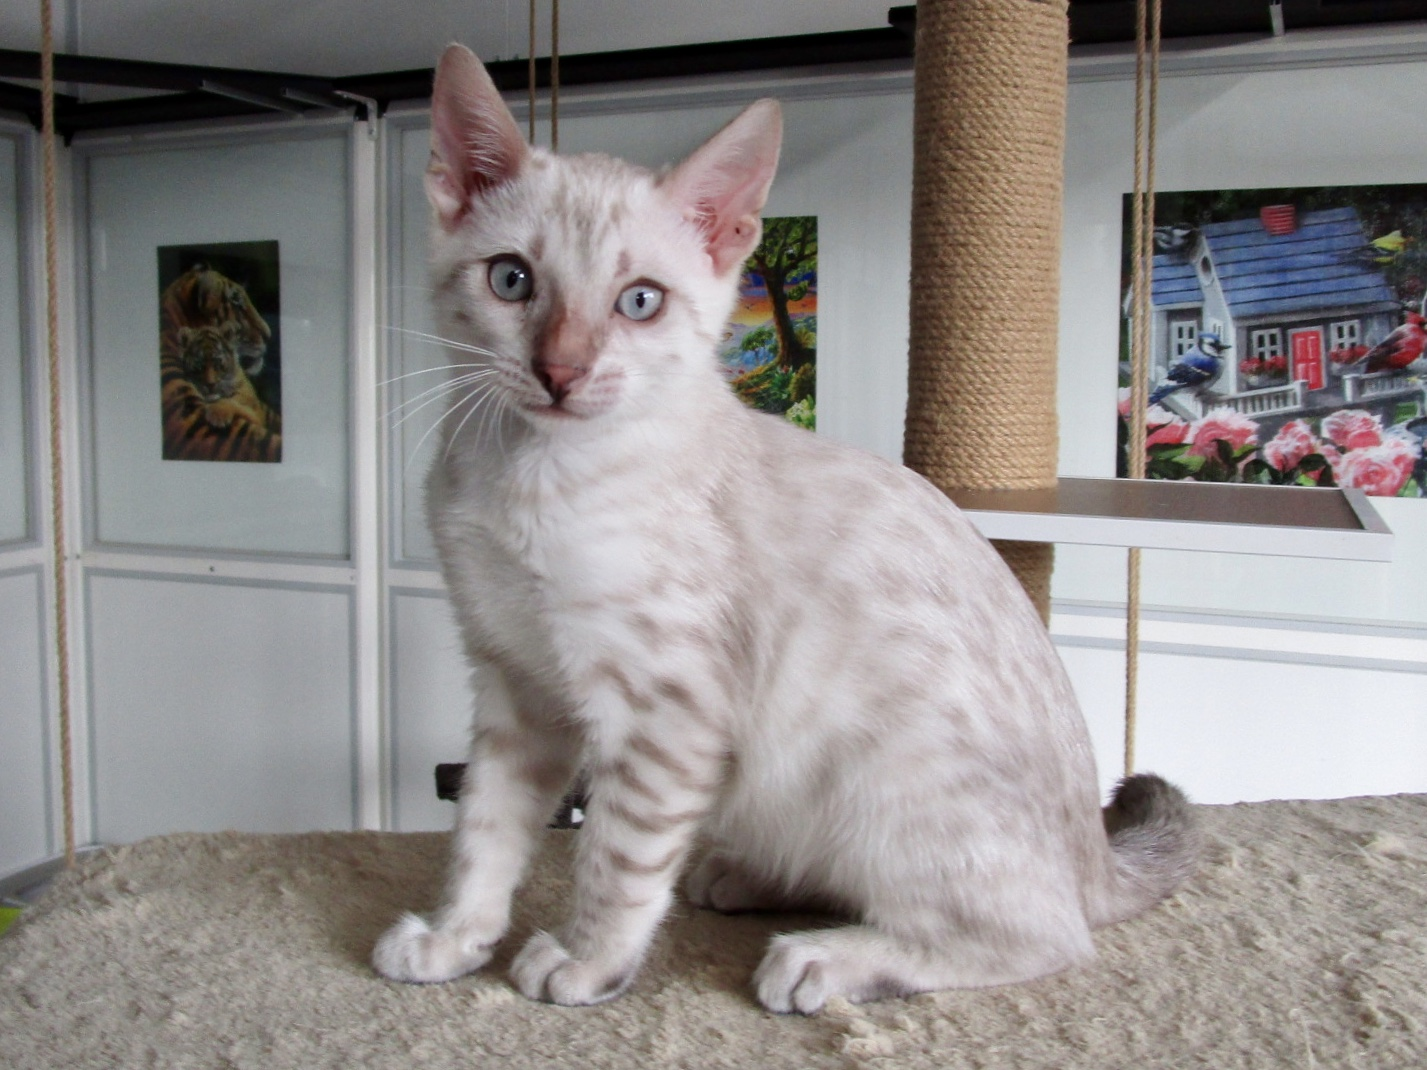 Mâle 2 - 2 mois et demi